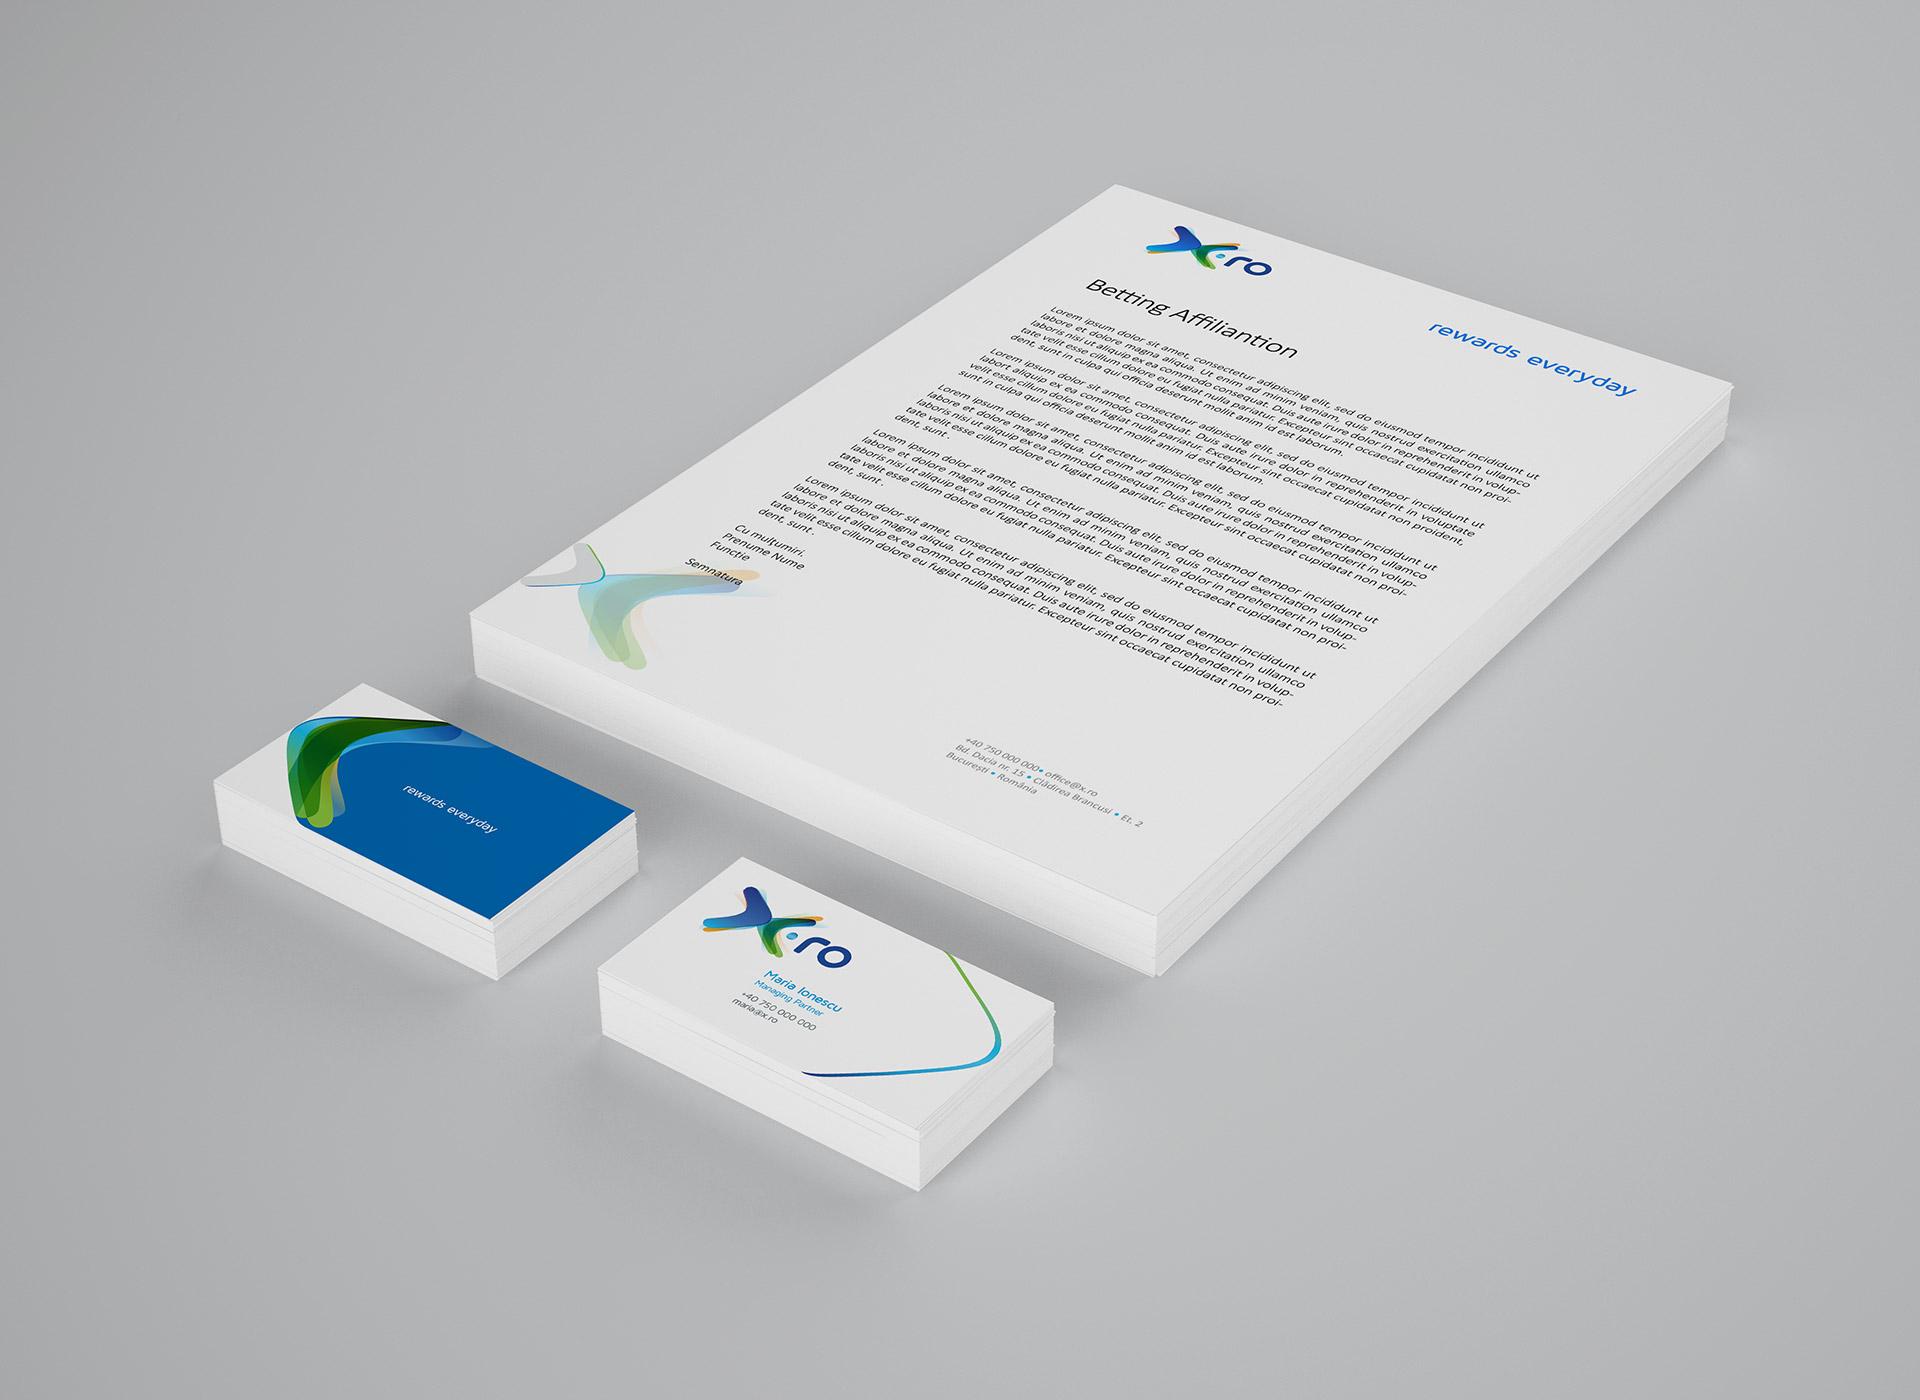 X.ro portfolio inoveo stationery